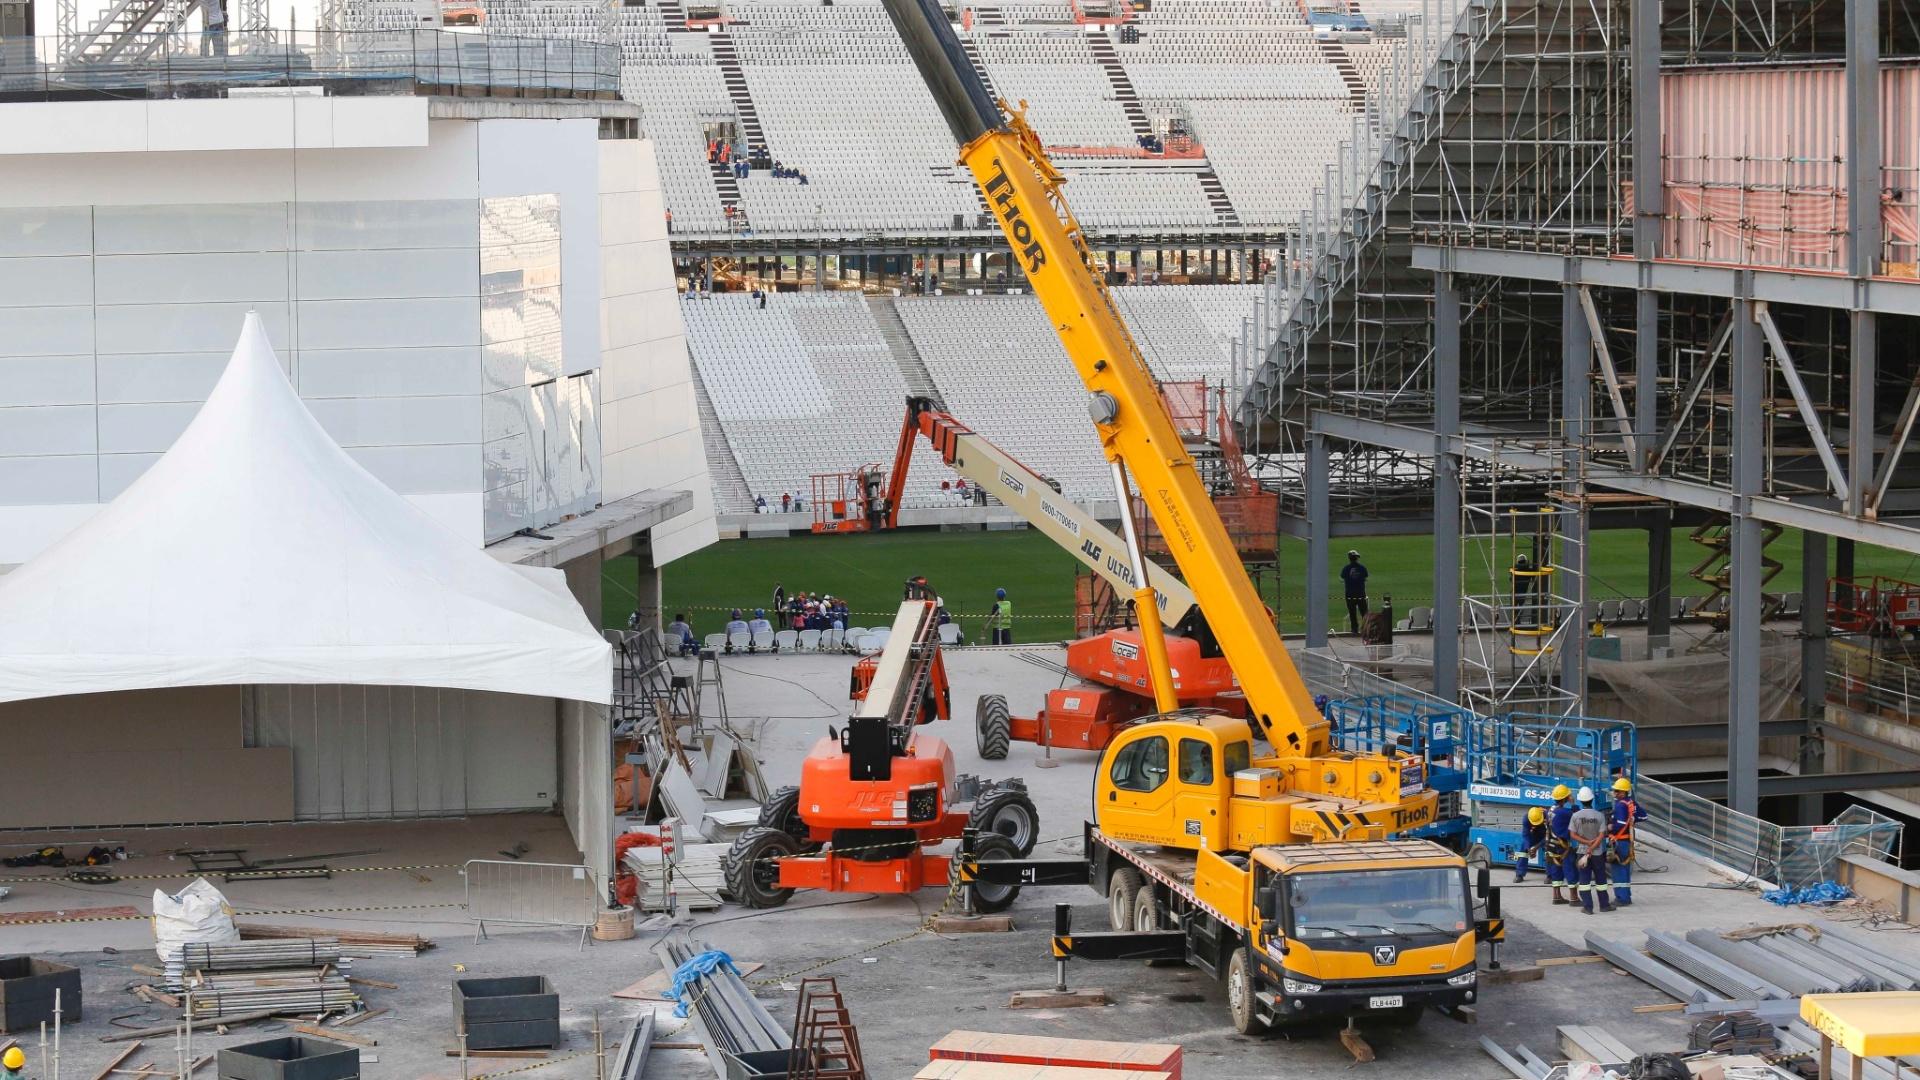 08.05.14 - Obras do Itaquerão no dia da visita da presidente Dilma Rousseff ao estádio de abertura da Copa do Mundo